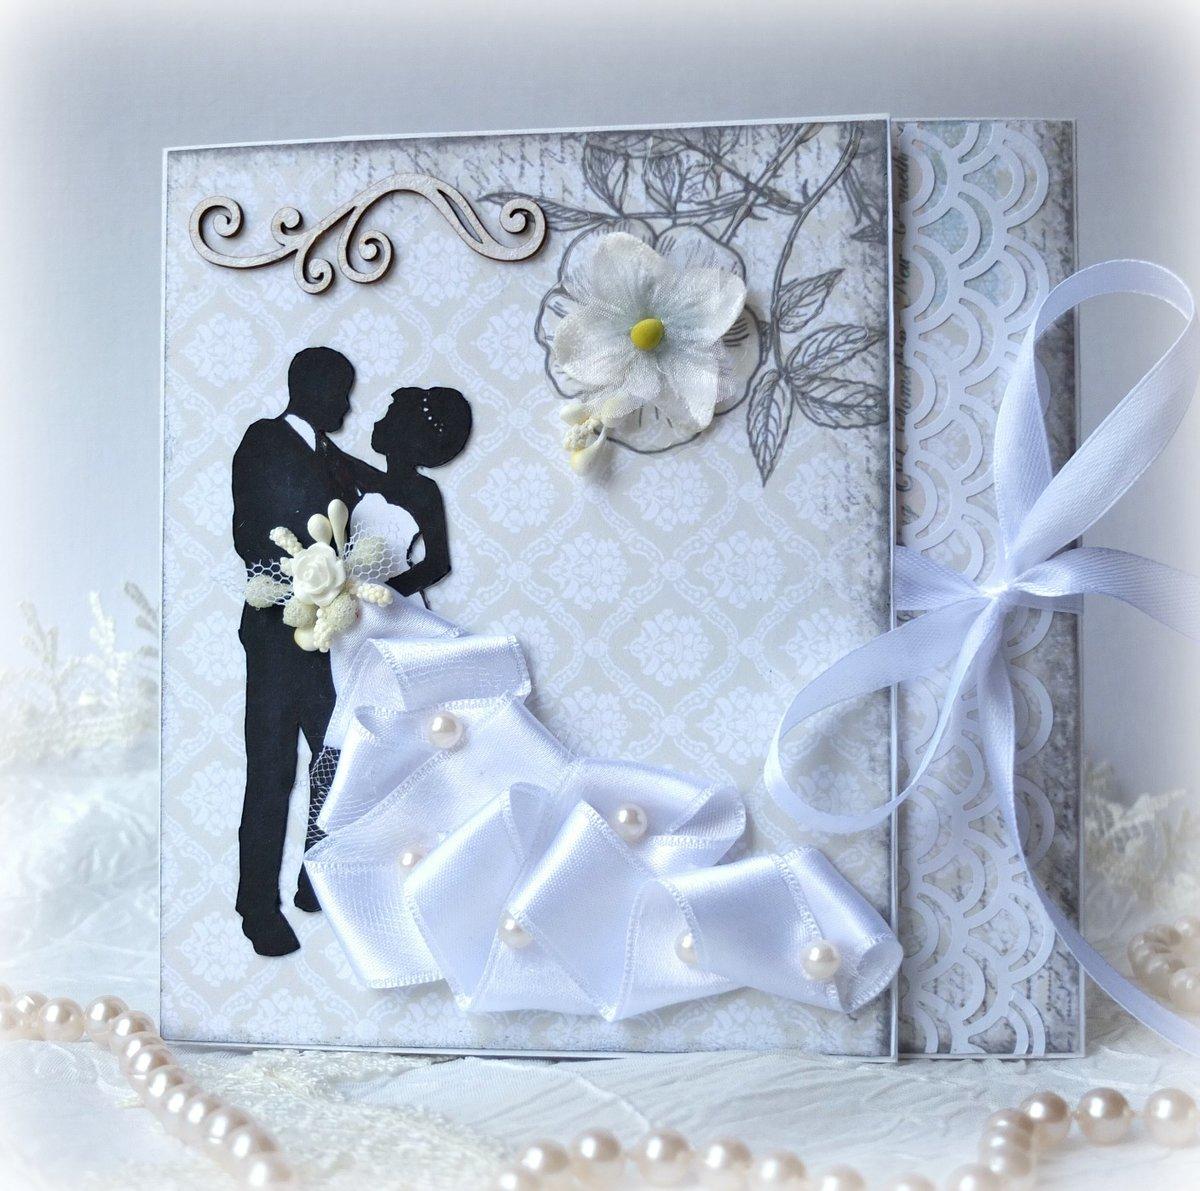 Оформление открытки к годовщине свадьбы, поздравлением